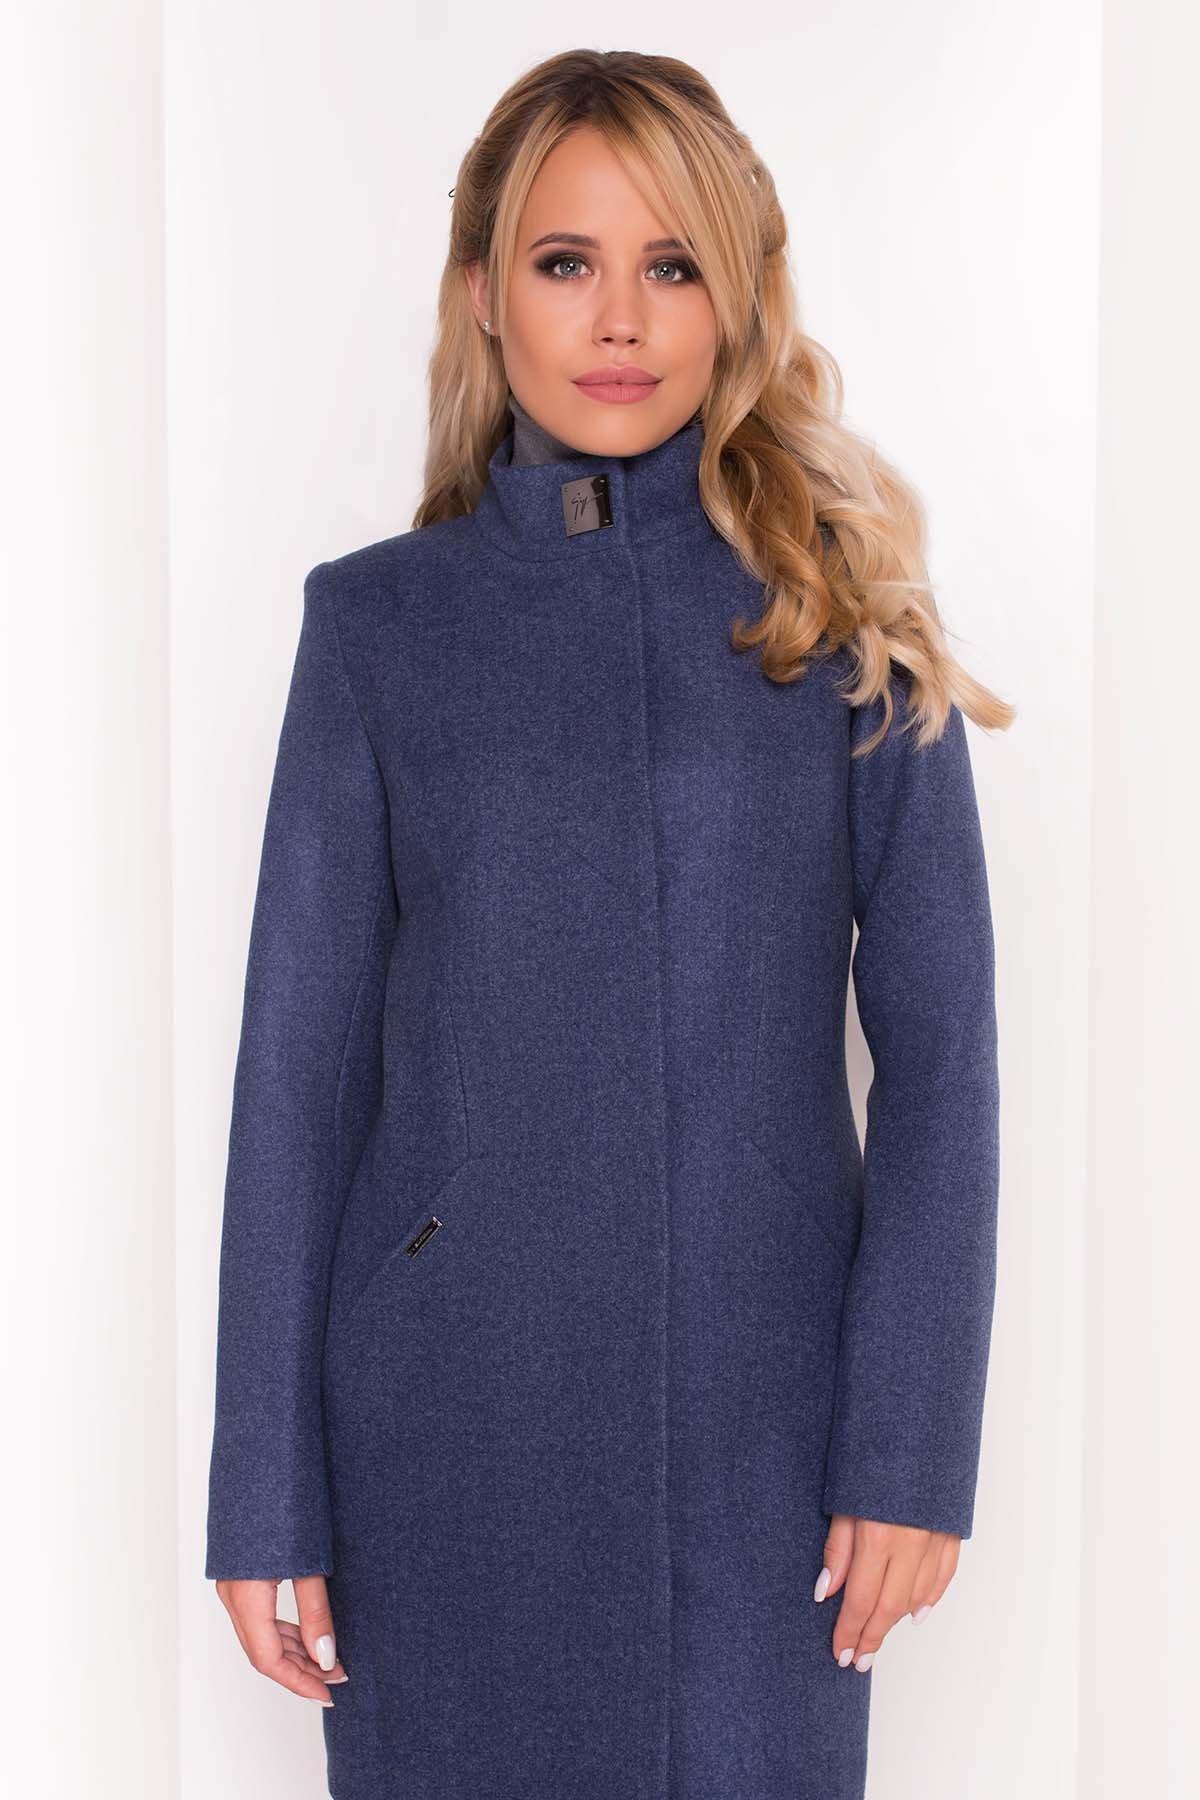 Пальто Сплит 4374 АРТ. 37818 Цвет: Джинс - фото 4, интернет магазин tm-modus.ru